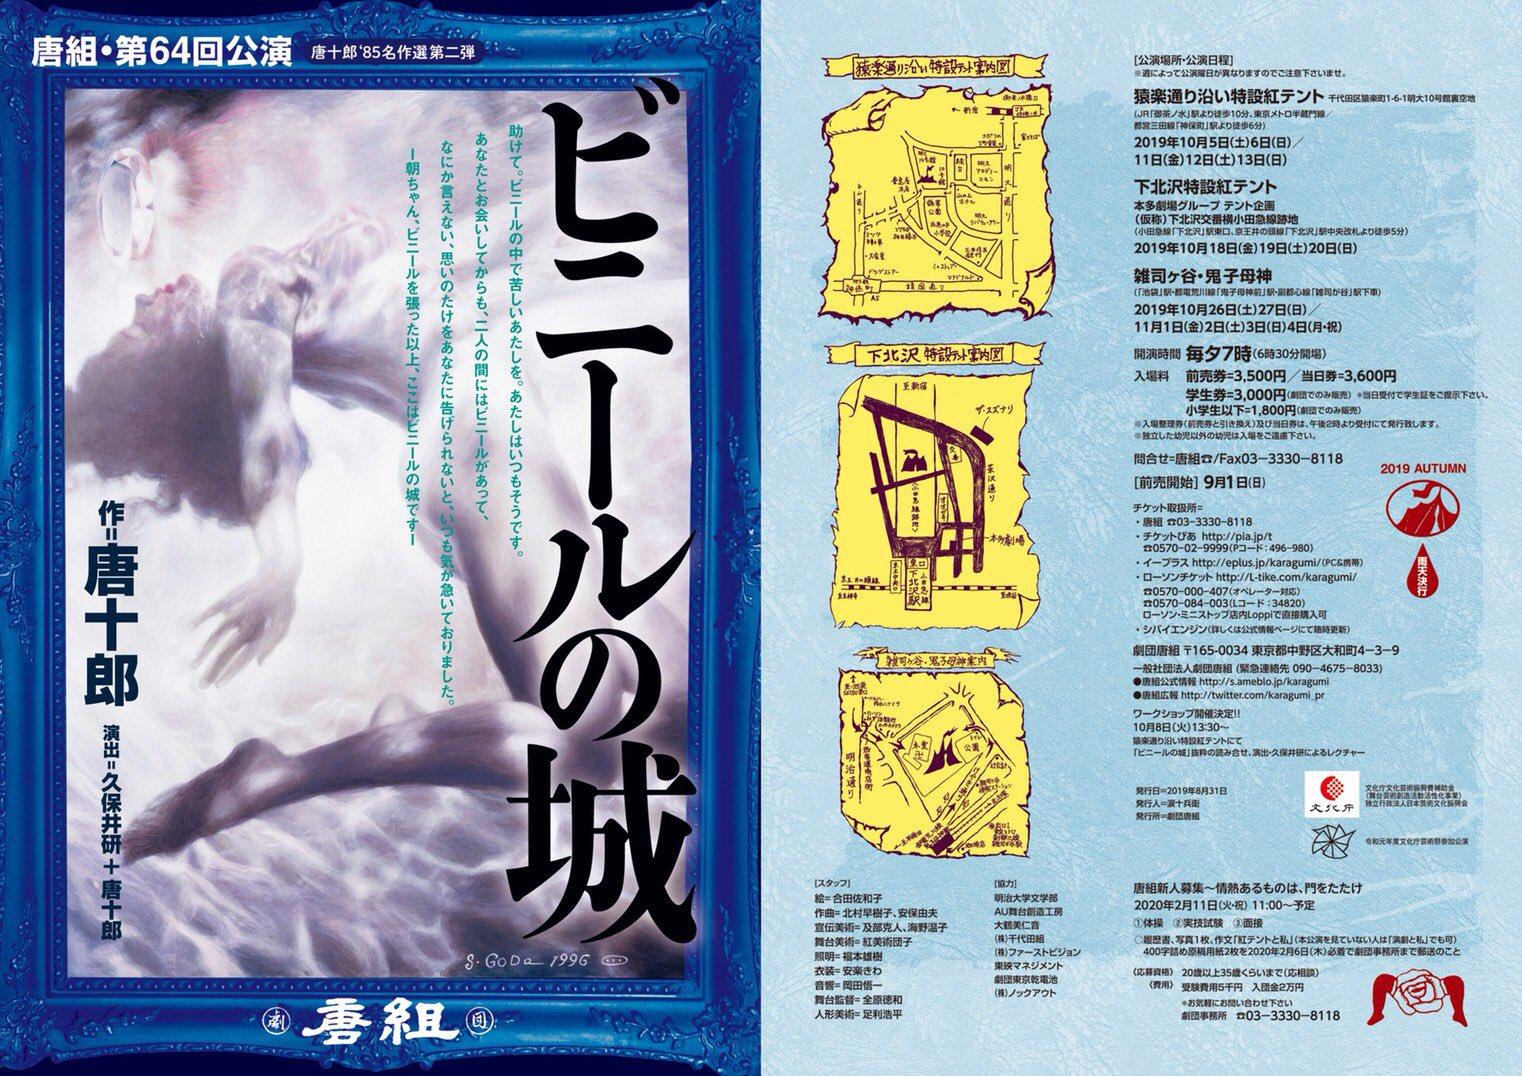 唐組・第64回公演【唐十郎'85名作選[第二弾]】『ビニールの城』